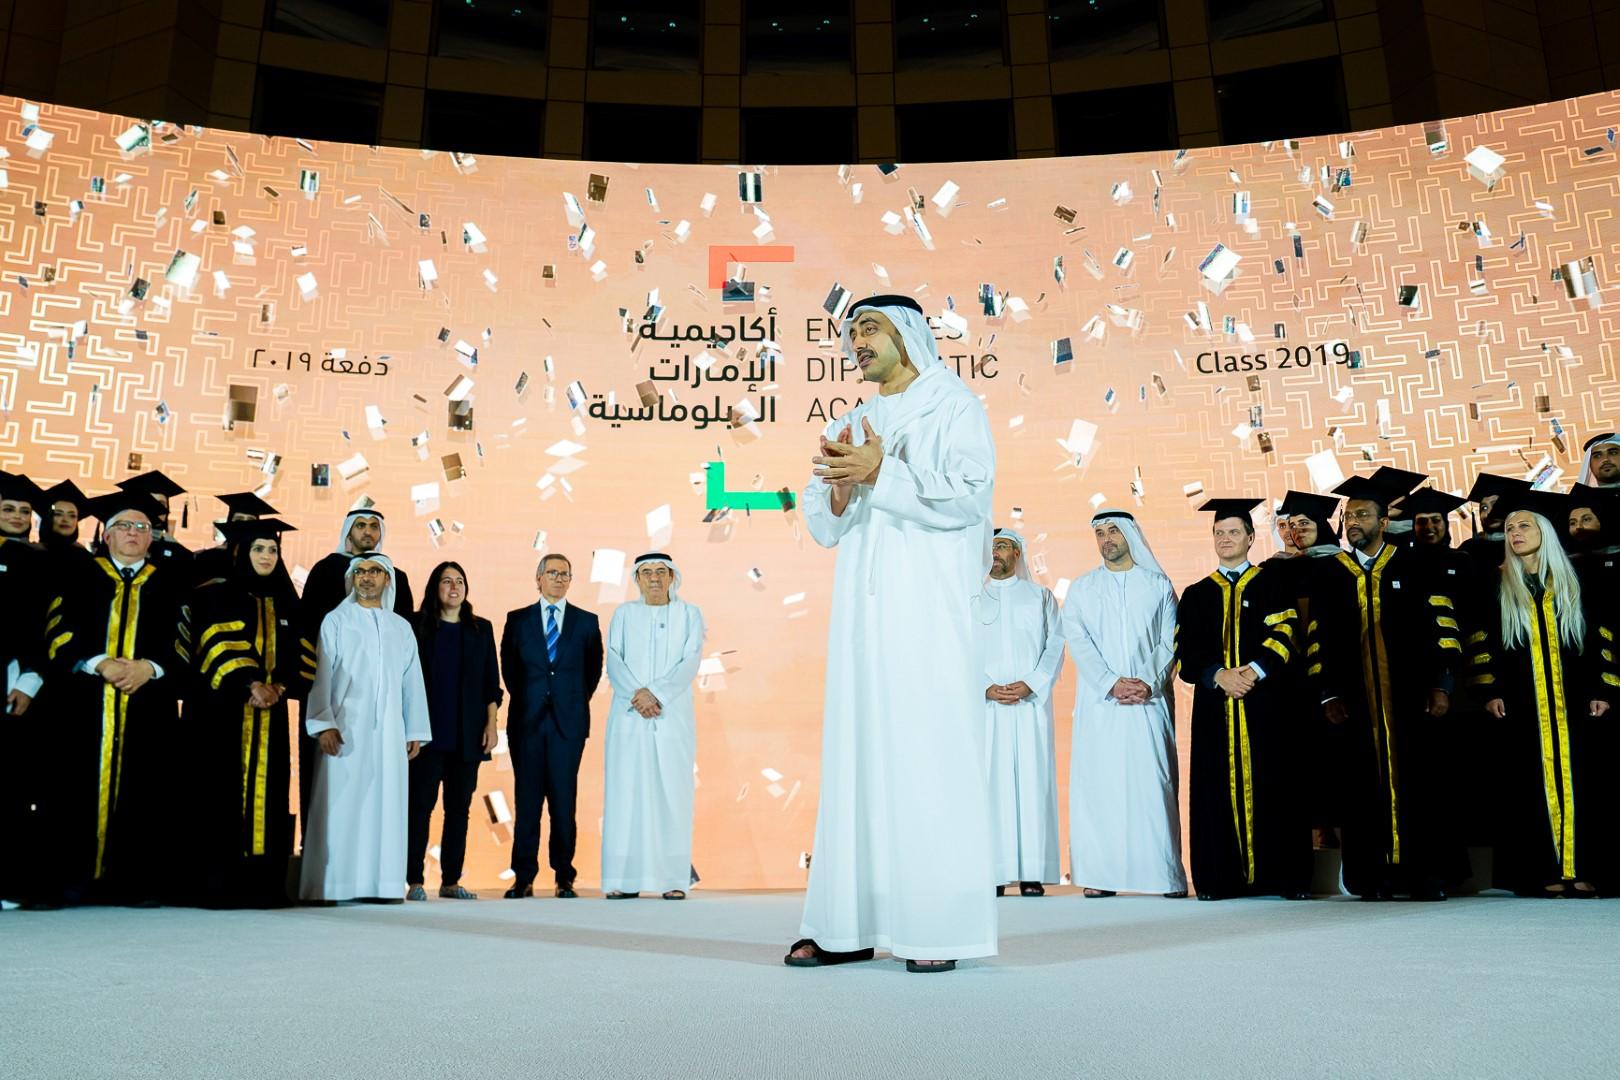 عبدالله بن زايد يشهد حفل تخريج طلبة أكاديمية الإمارات الدبلوماسية